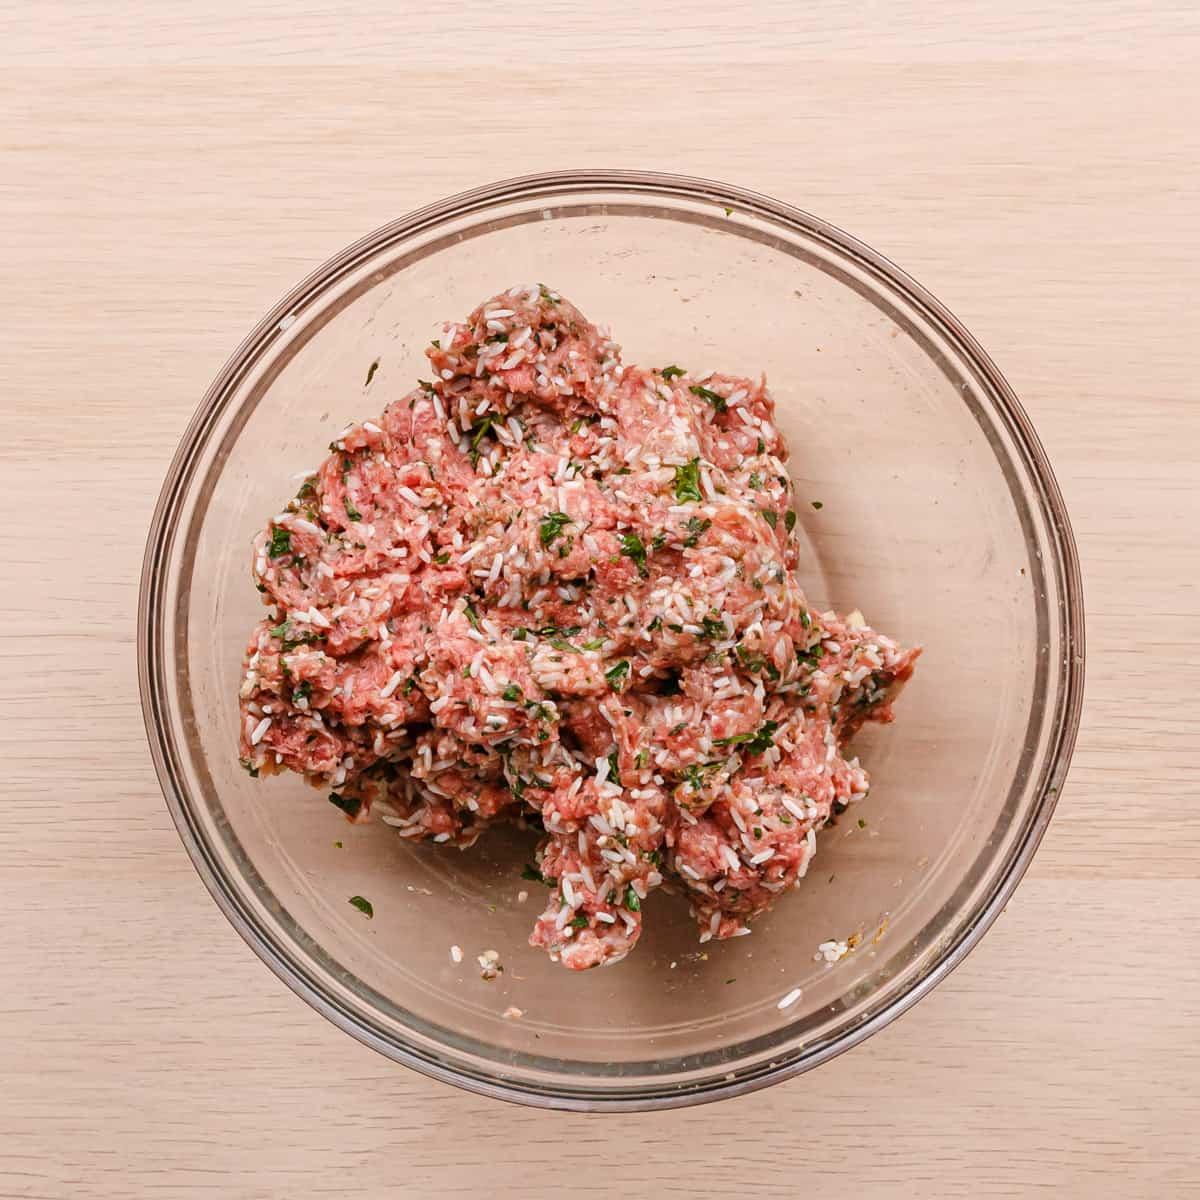 meatballs mixture